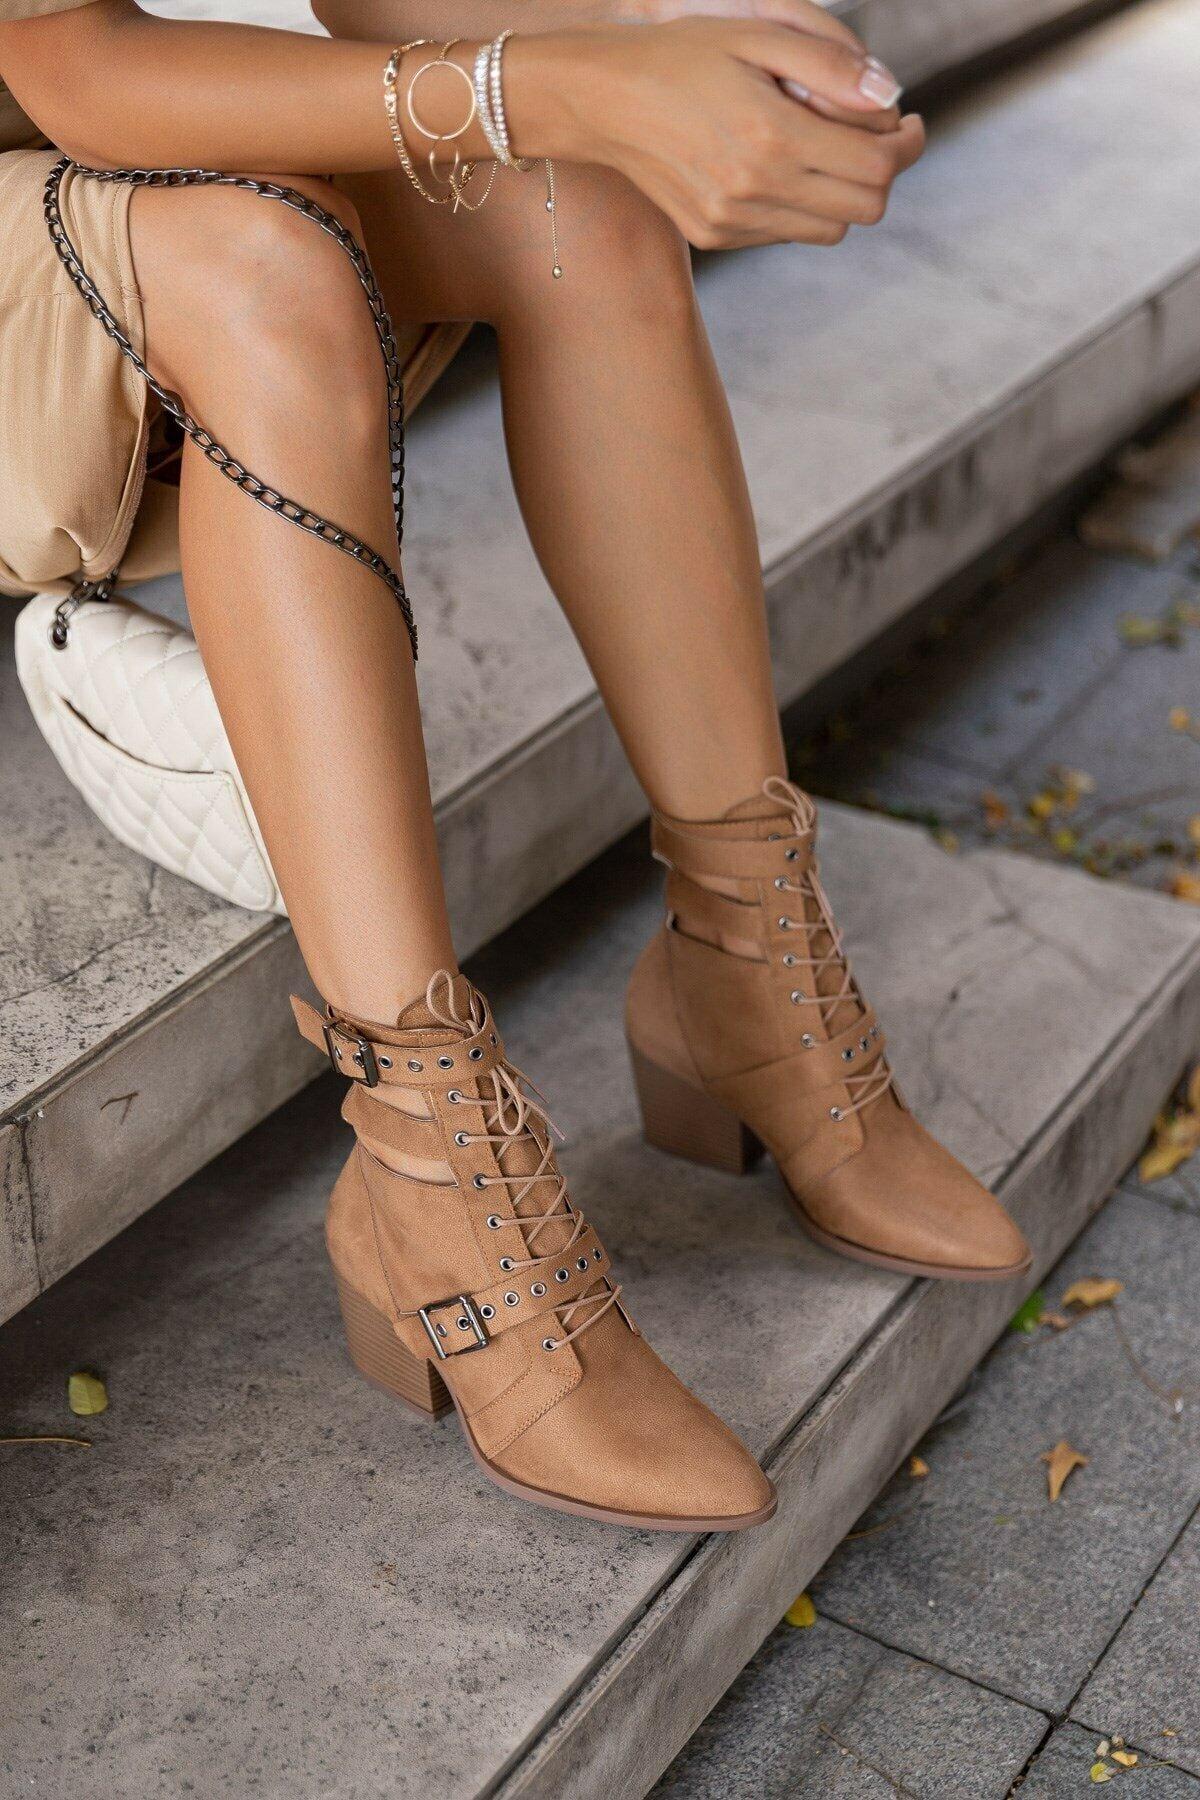 المرأة الصيف أحذية الجلد المدبوغ منصة أحذية عالية الكعب الفاخرة مصمم 2021 كاوبوي الجمل الأسود الكاحل المحرز في تركيا